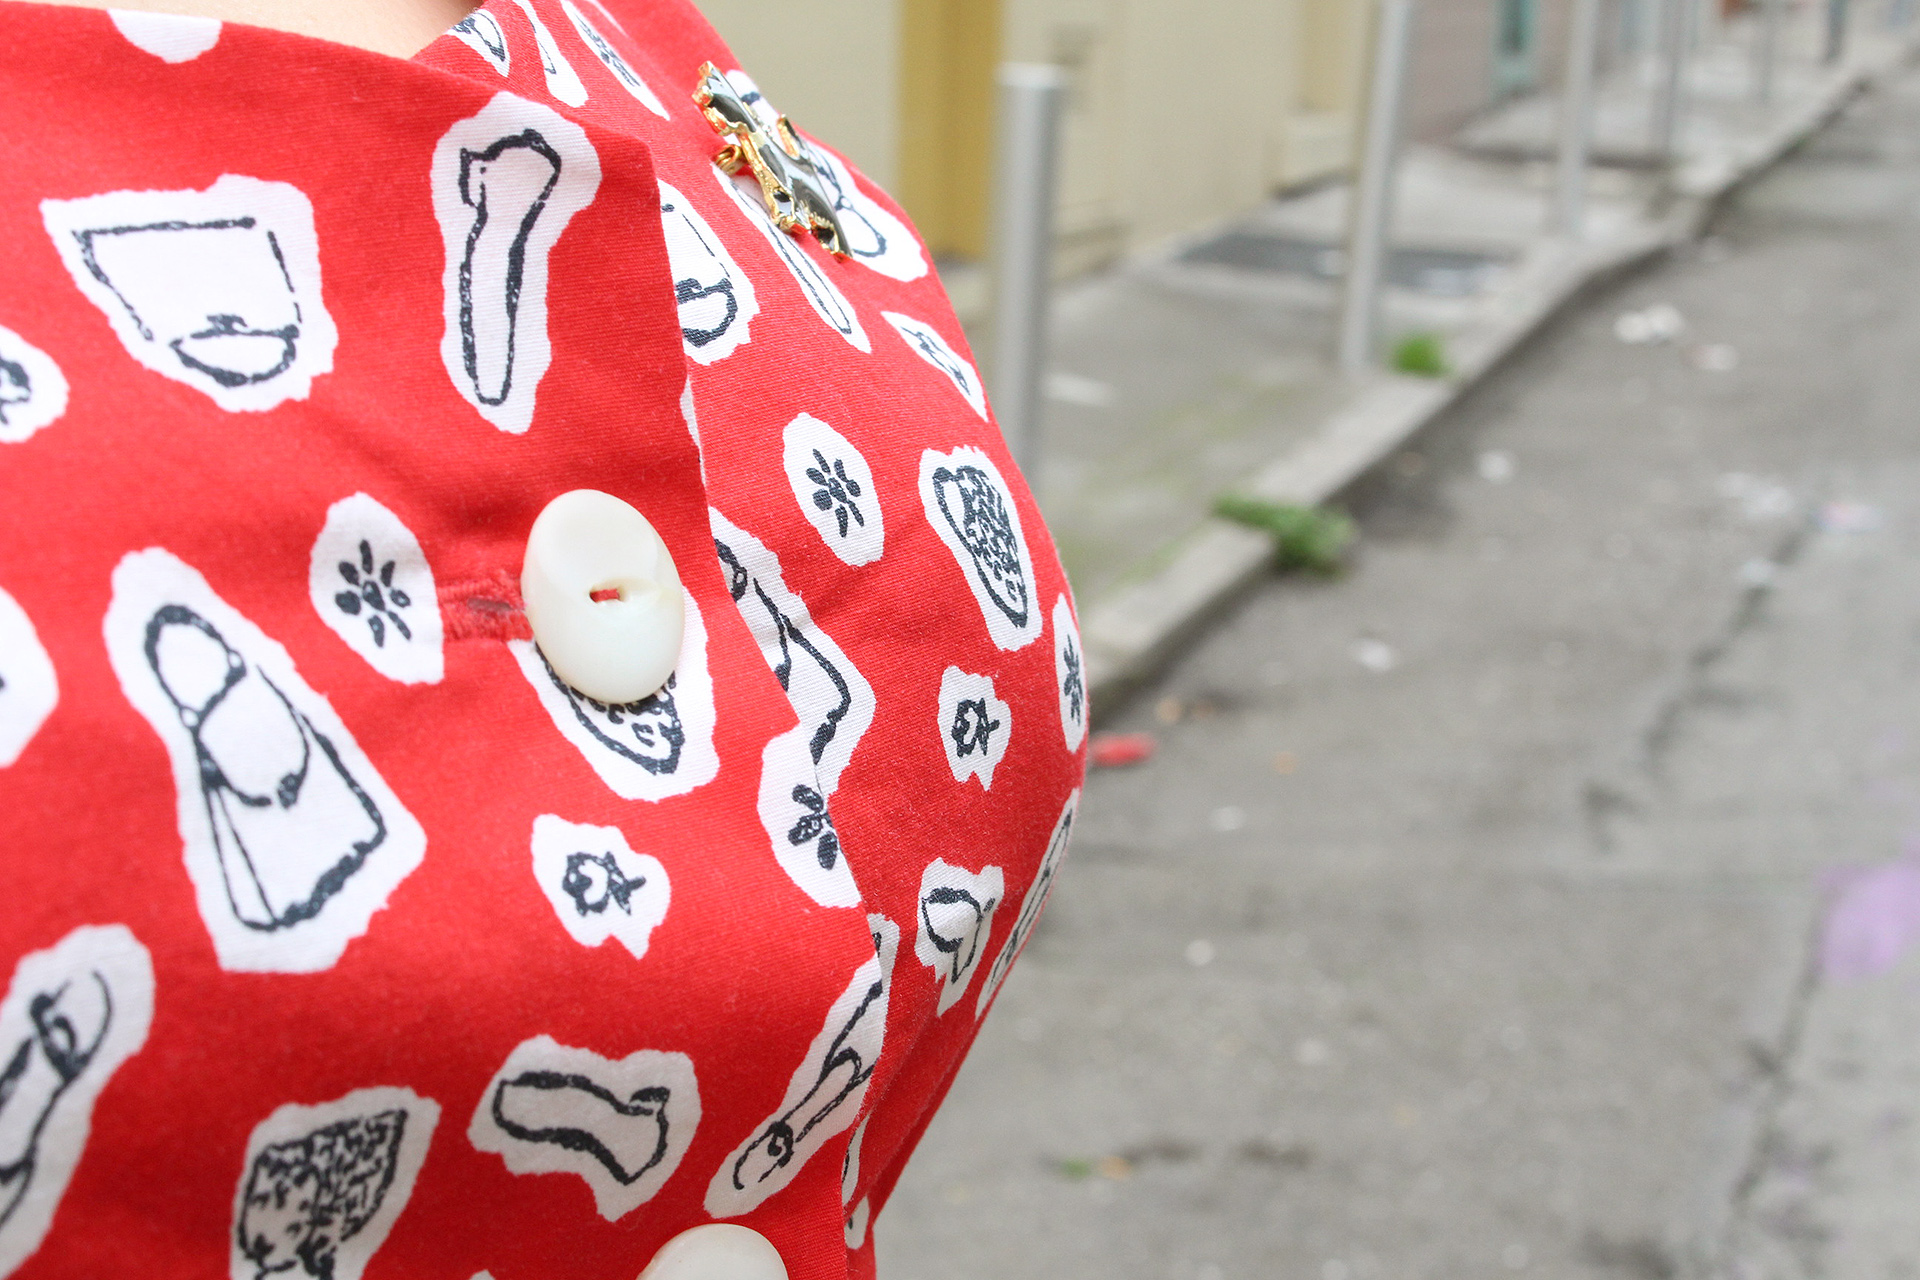 Vintage Simplicity 1460 peplum blouse, button detail | @vintageontap